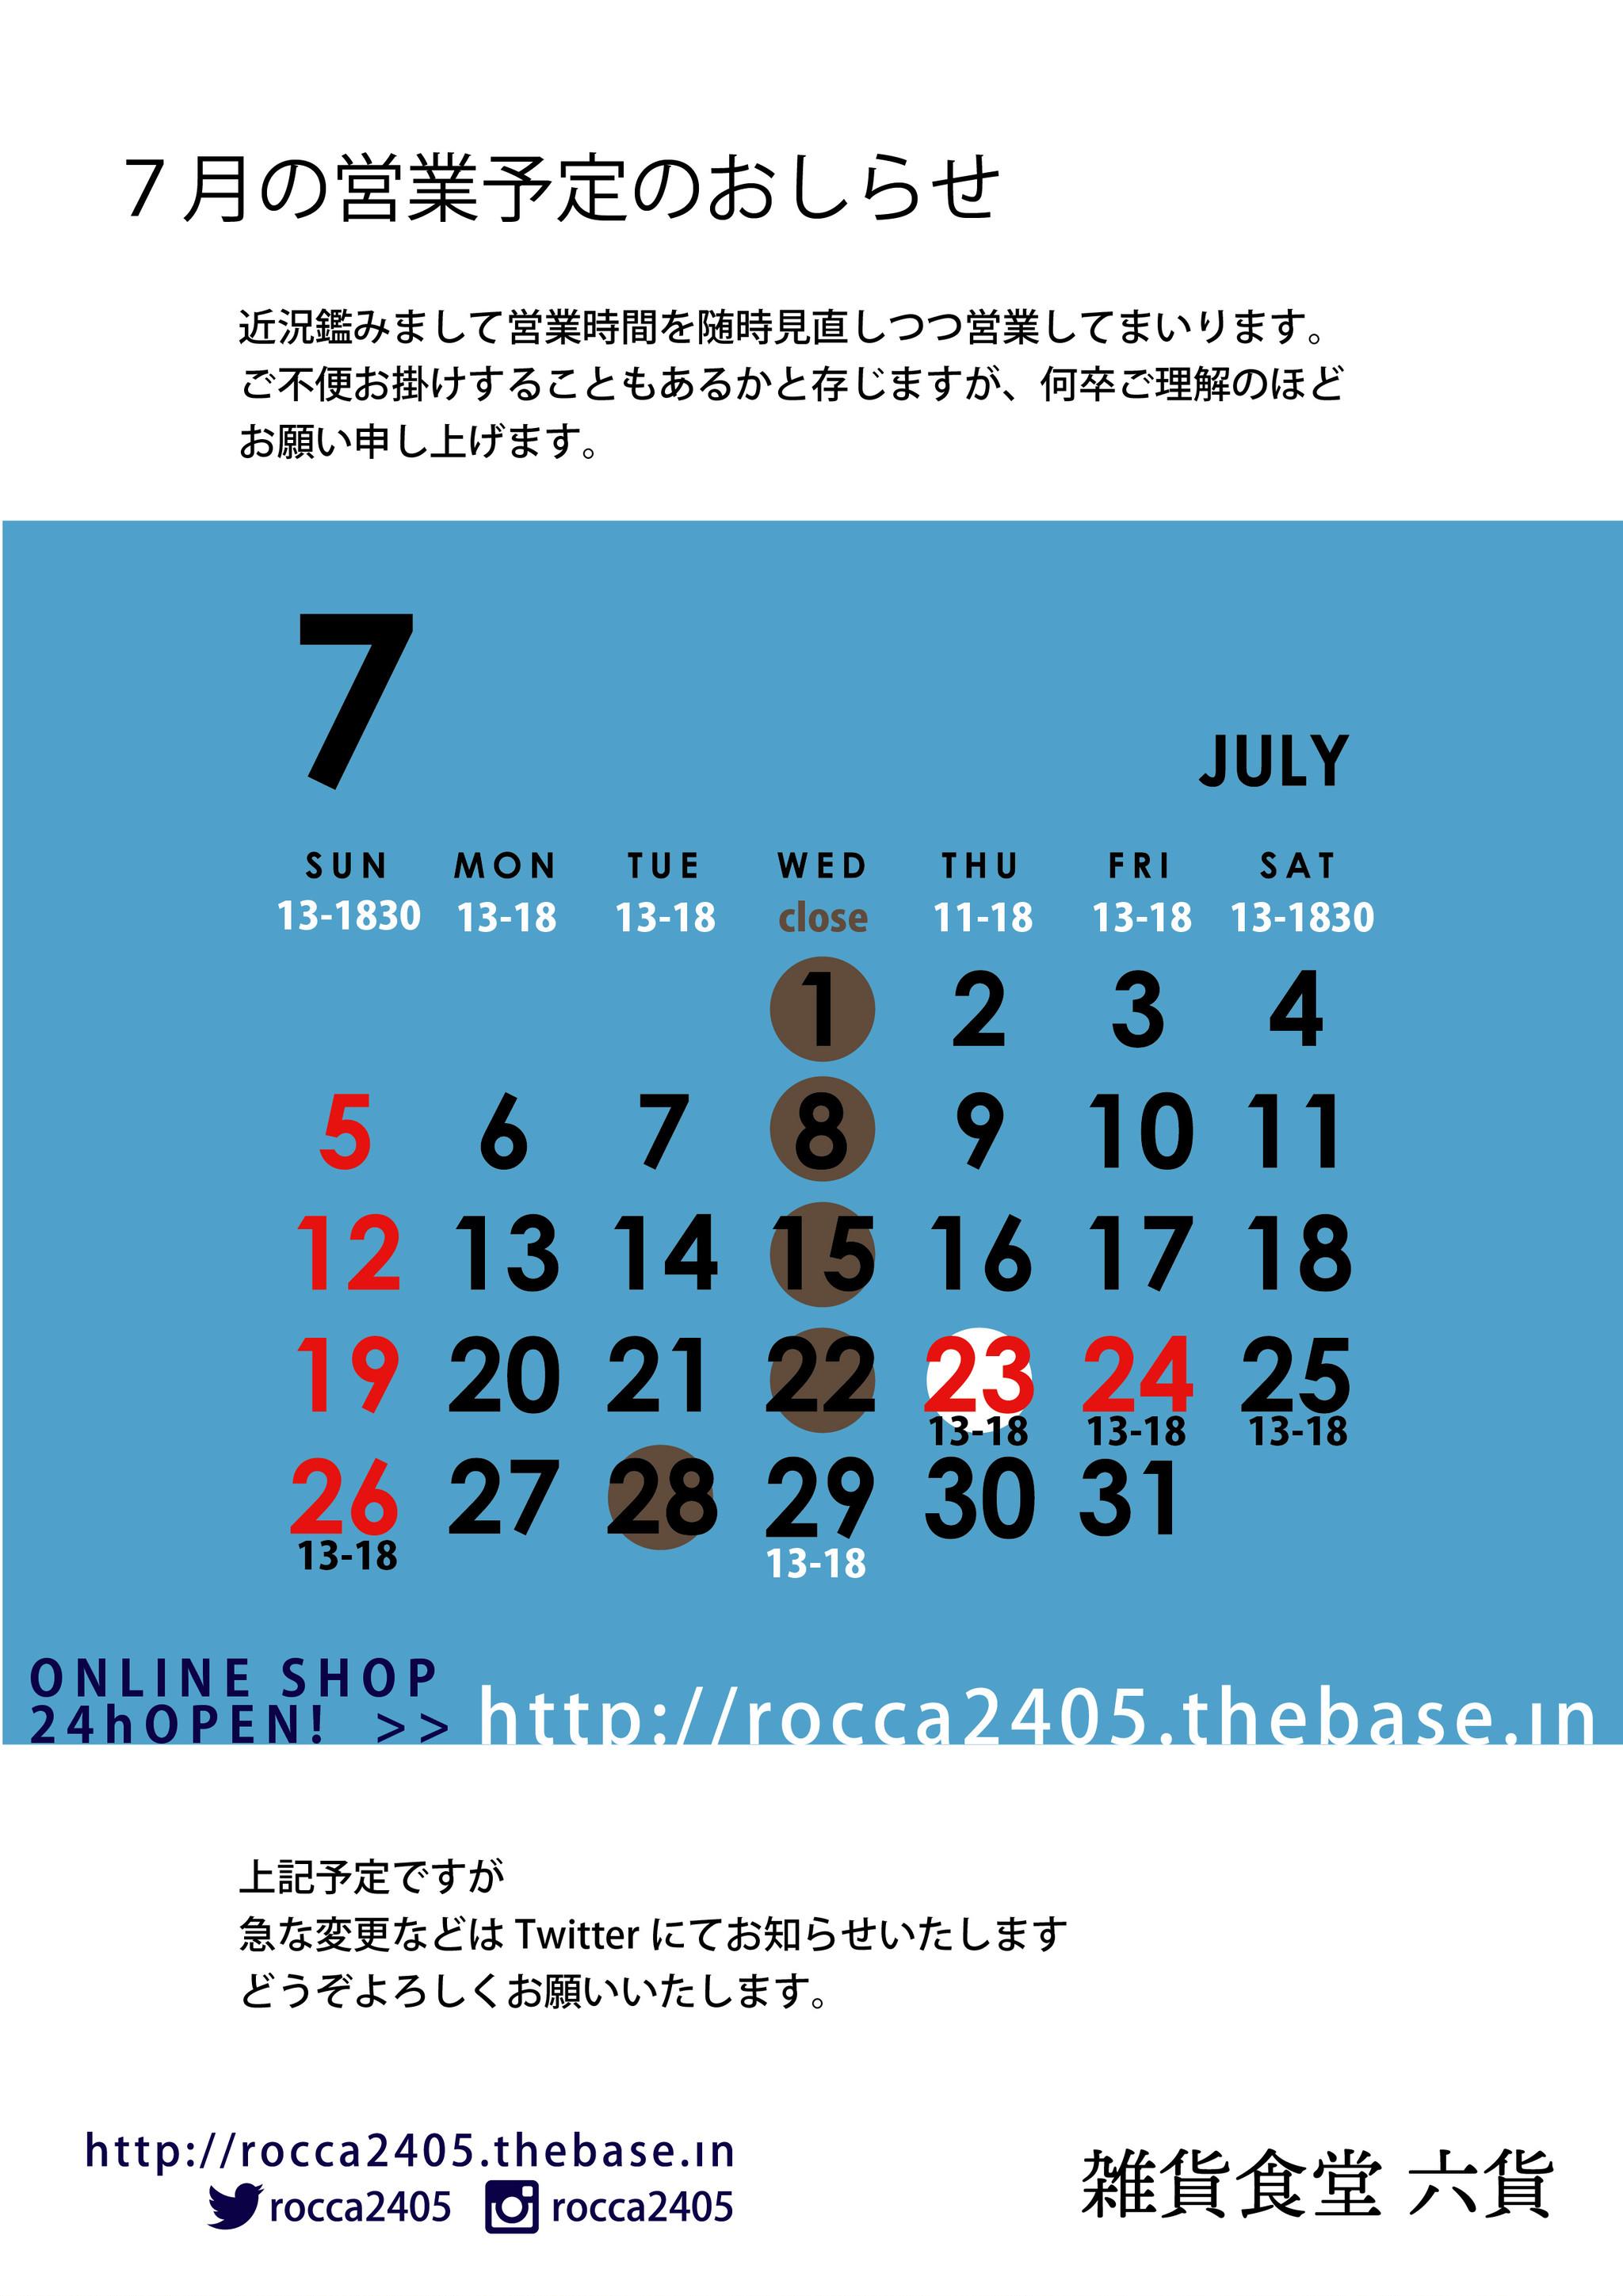 7月の営業予定(7/23は営業いたします)